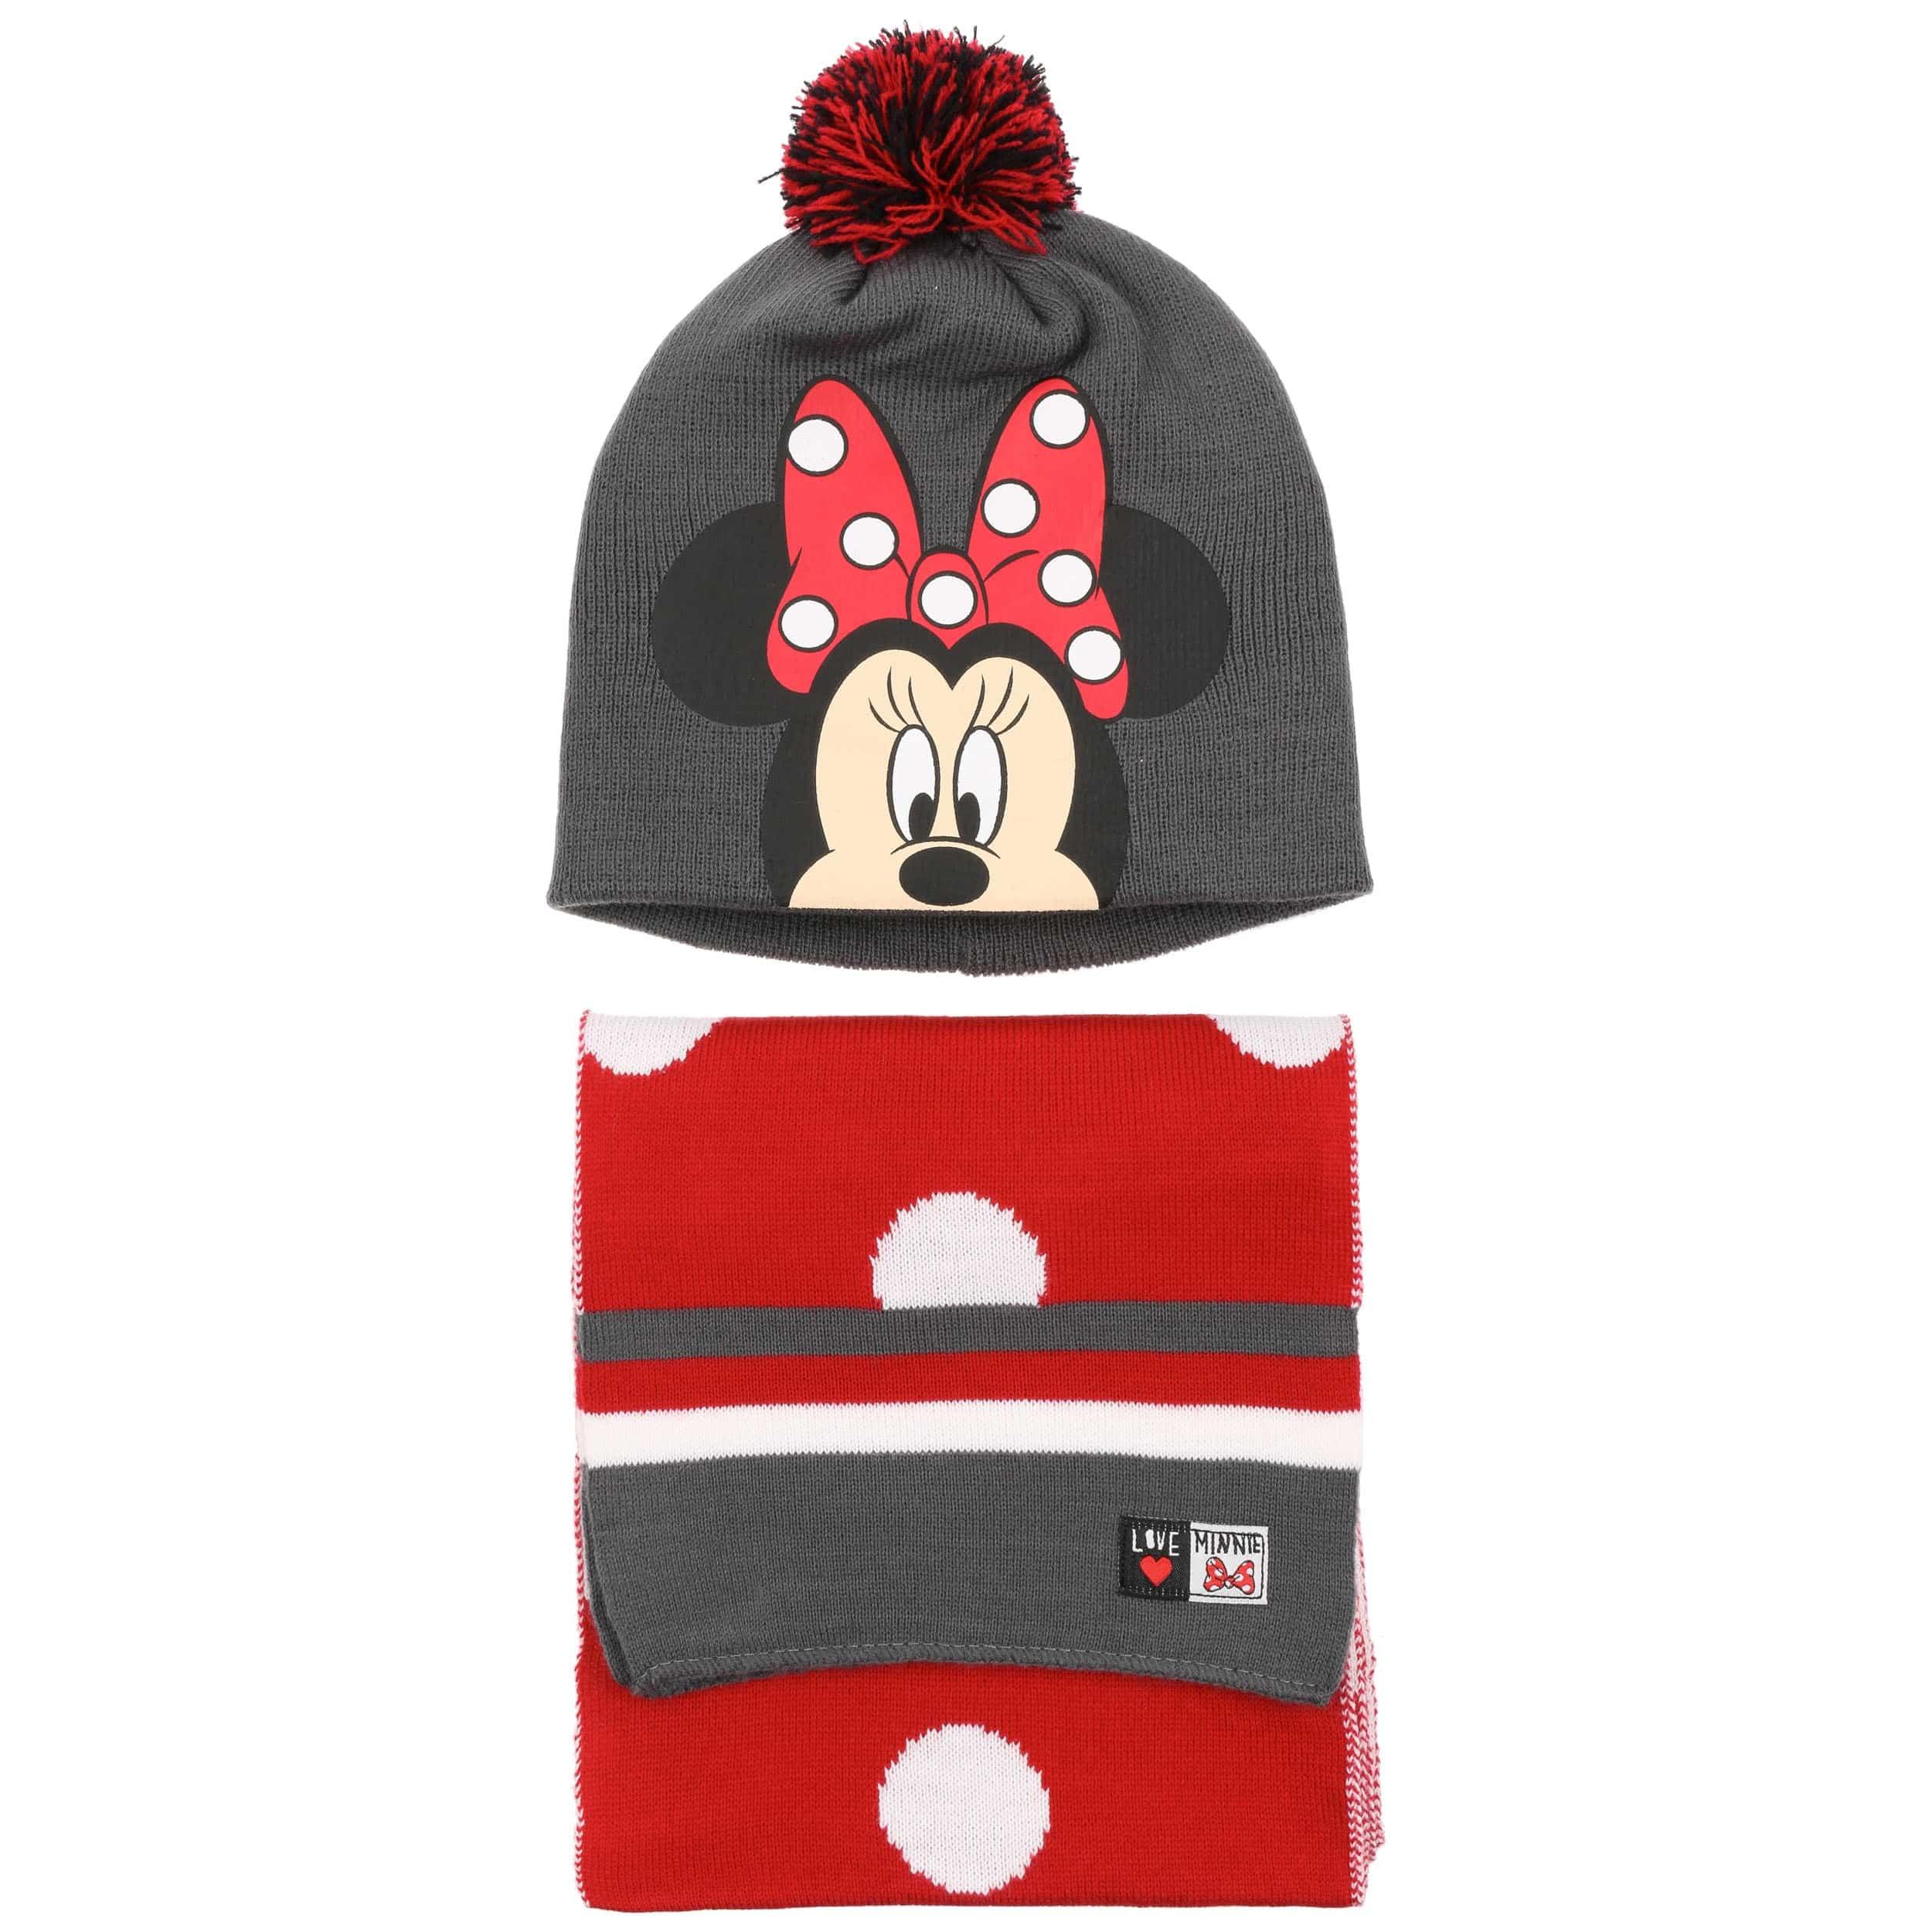 Gorro   Bufanda Minnie Mouse - Gorros - sombreroshop.es 18c7b5c9321